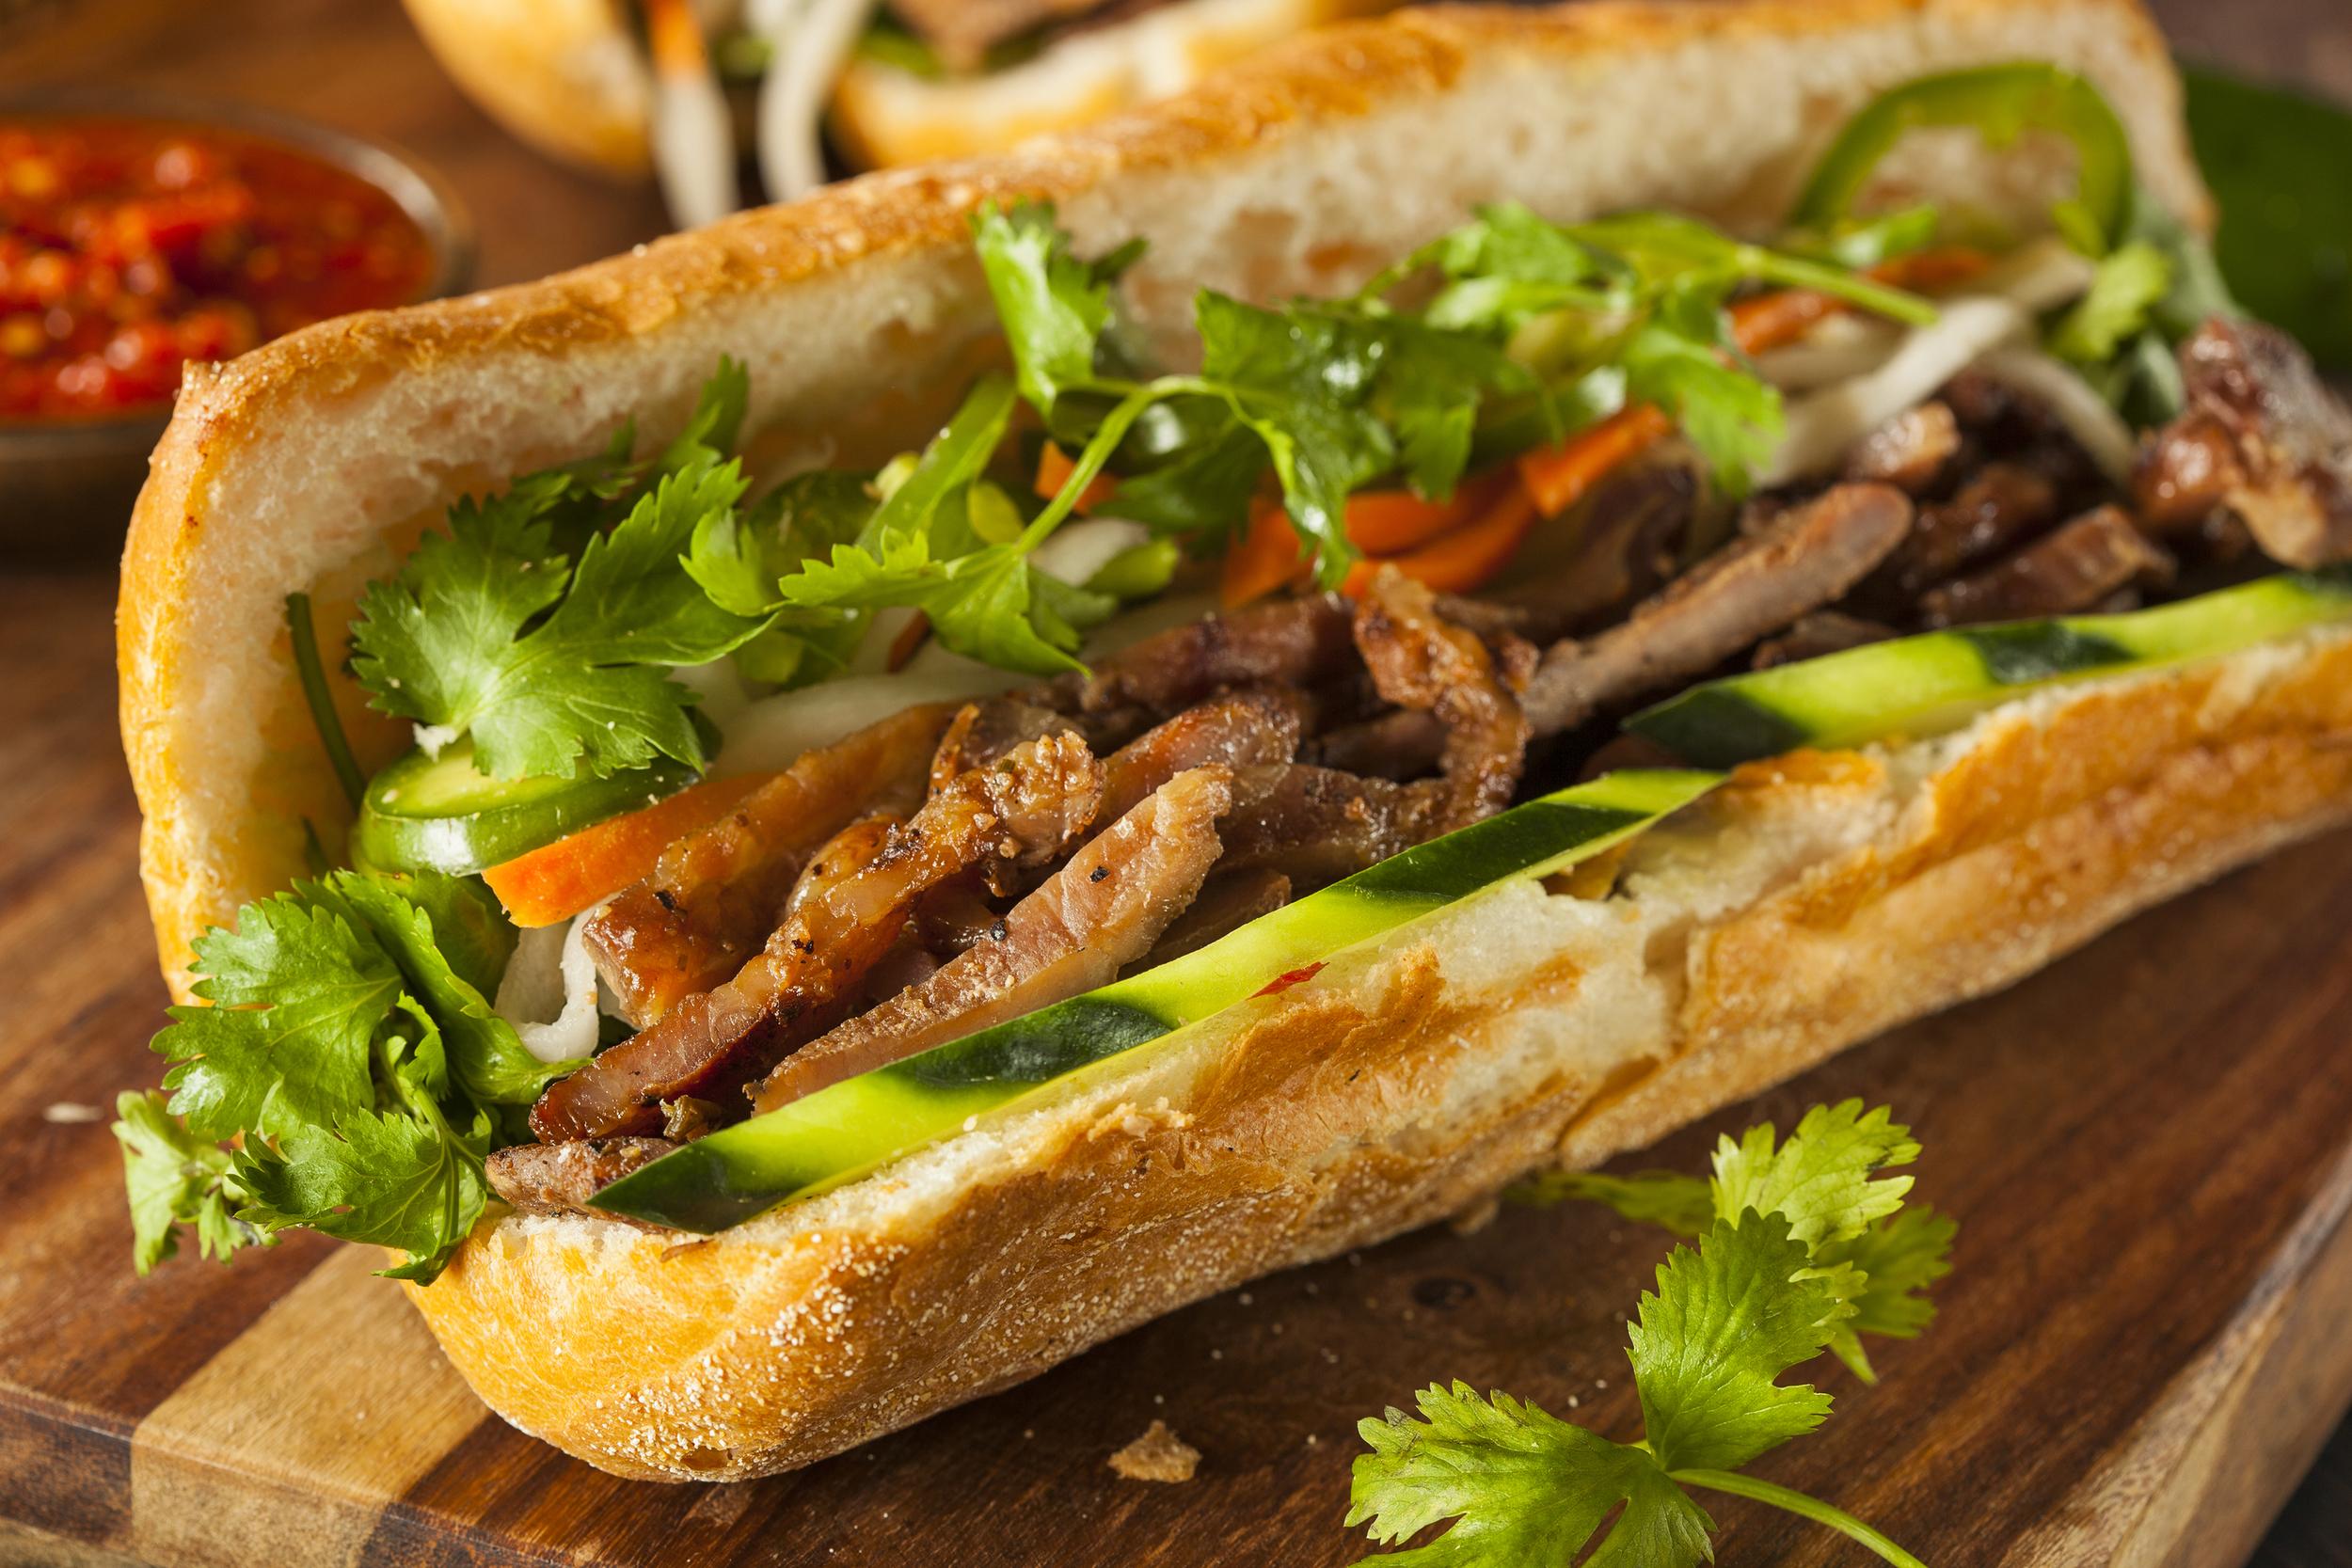 bigstock-Vietnamese-Pork-Banh-Mi-Sandwi-69295618.jpg